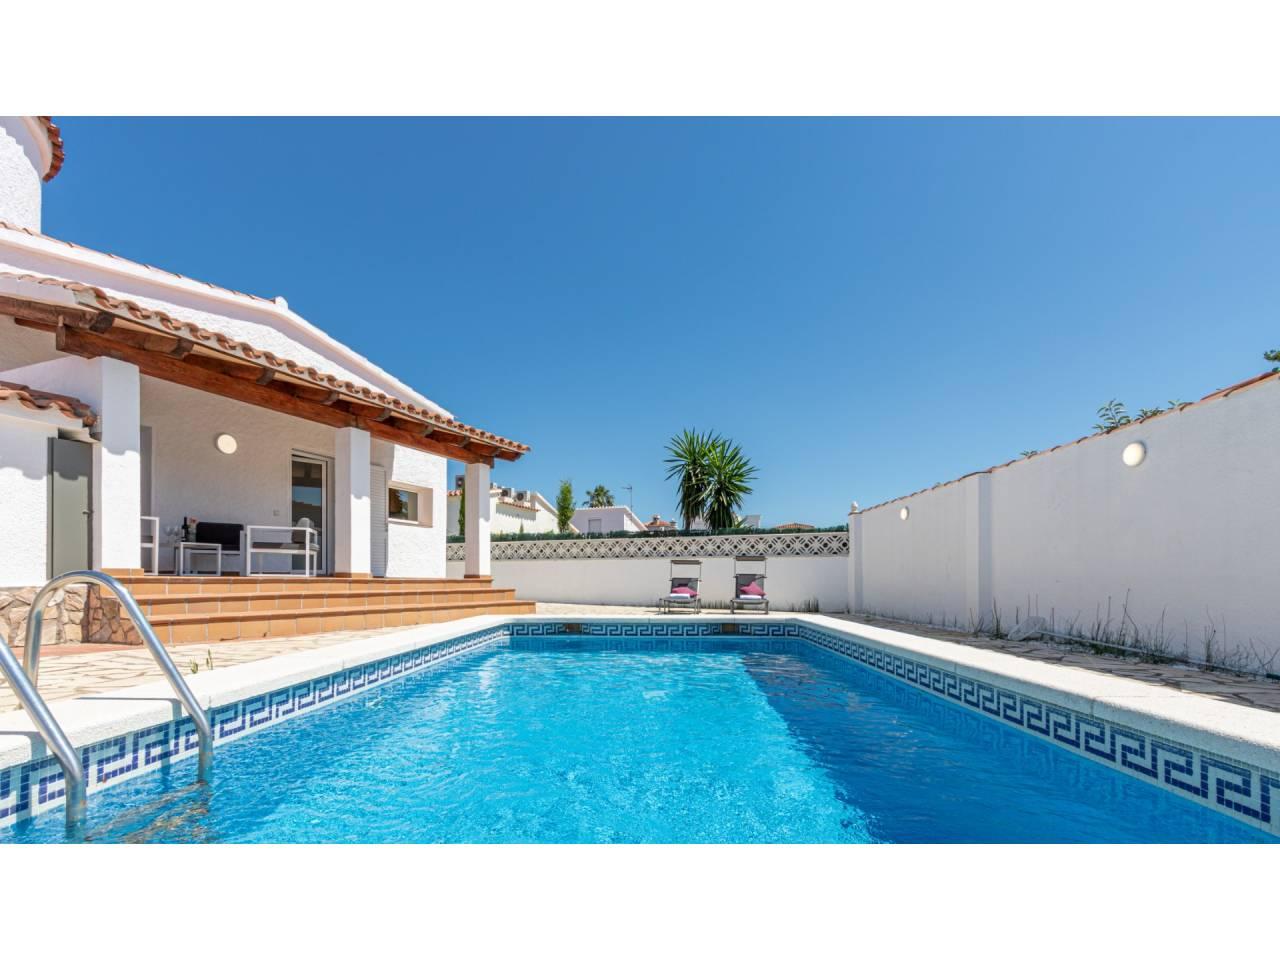 880005 - House for short-term rental in Empuriabrava